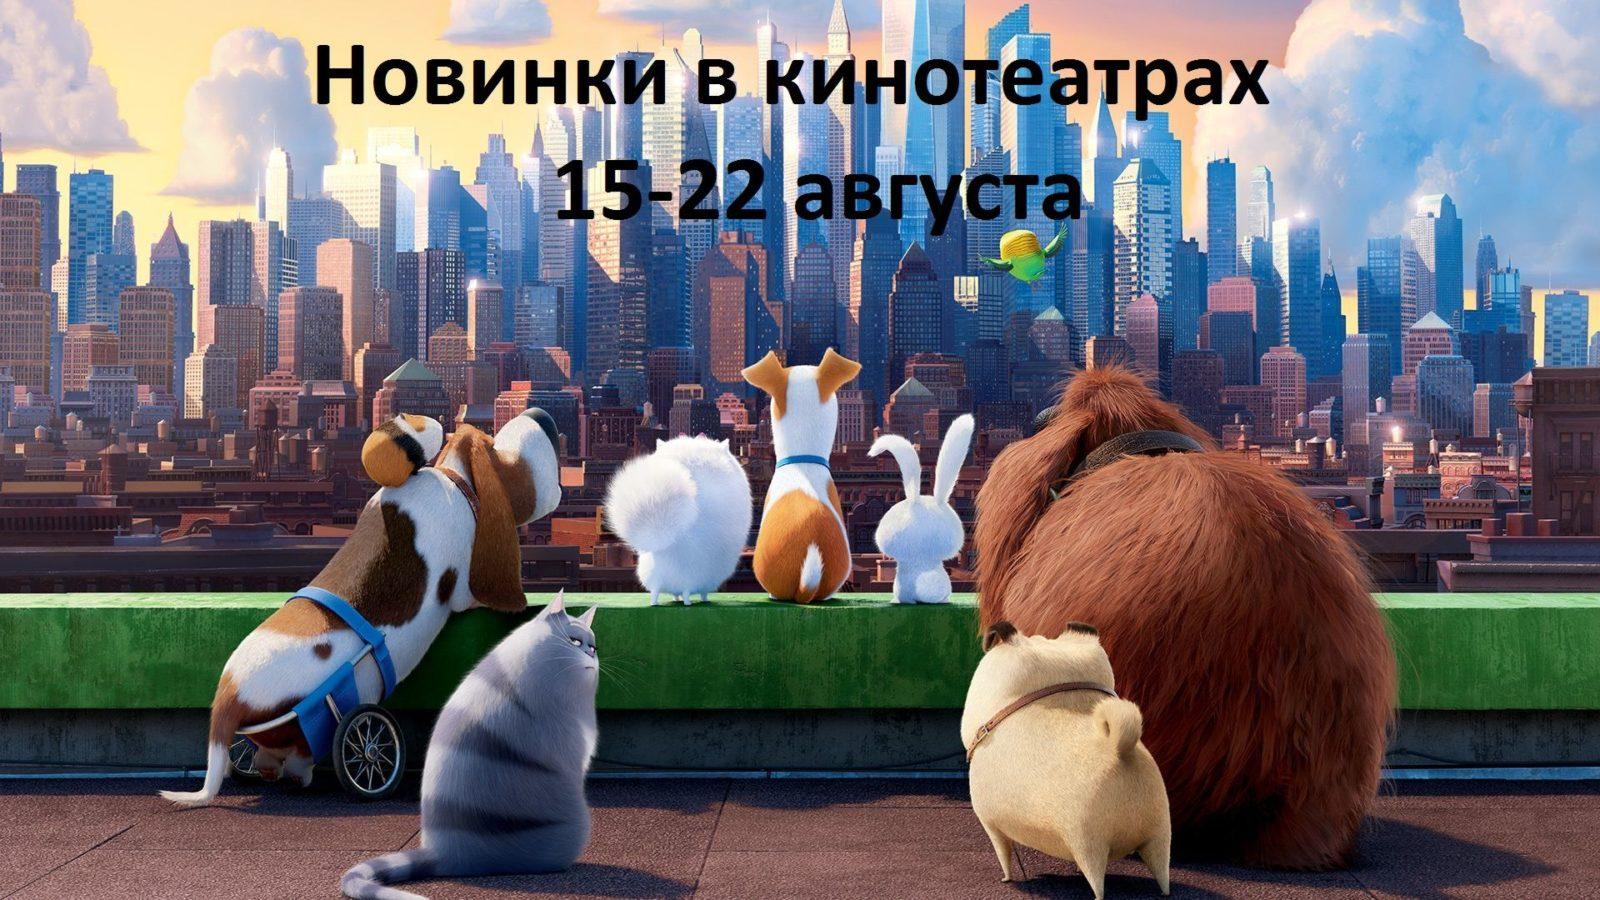 Фильмы 2016 - новинки: что посмотреть в кинотеатрах в августе (15-22 августа)